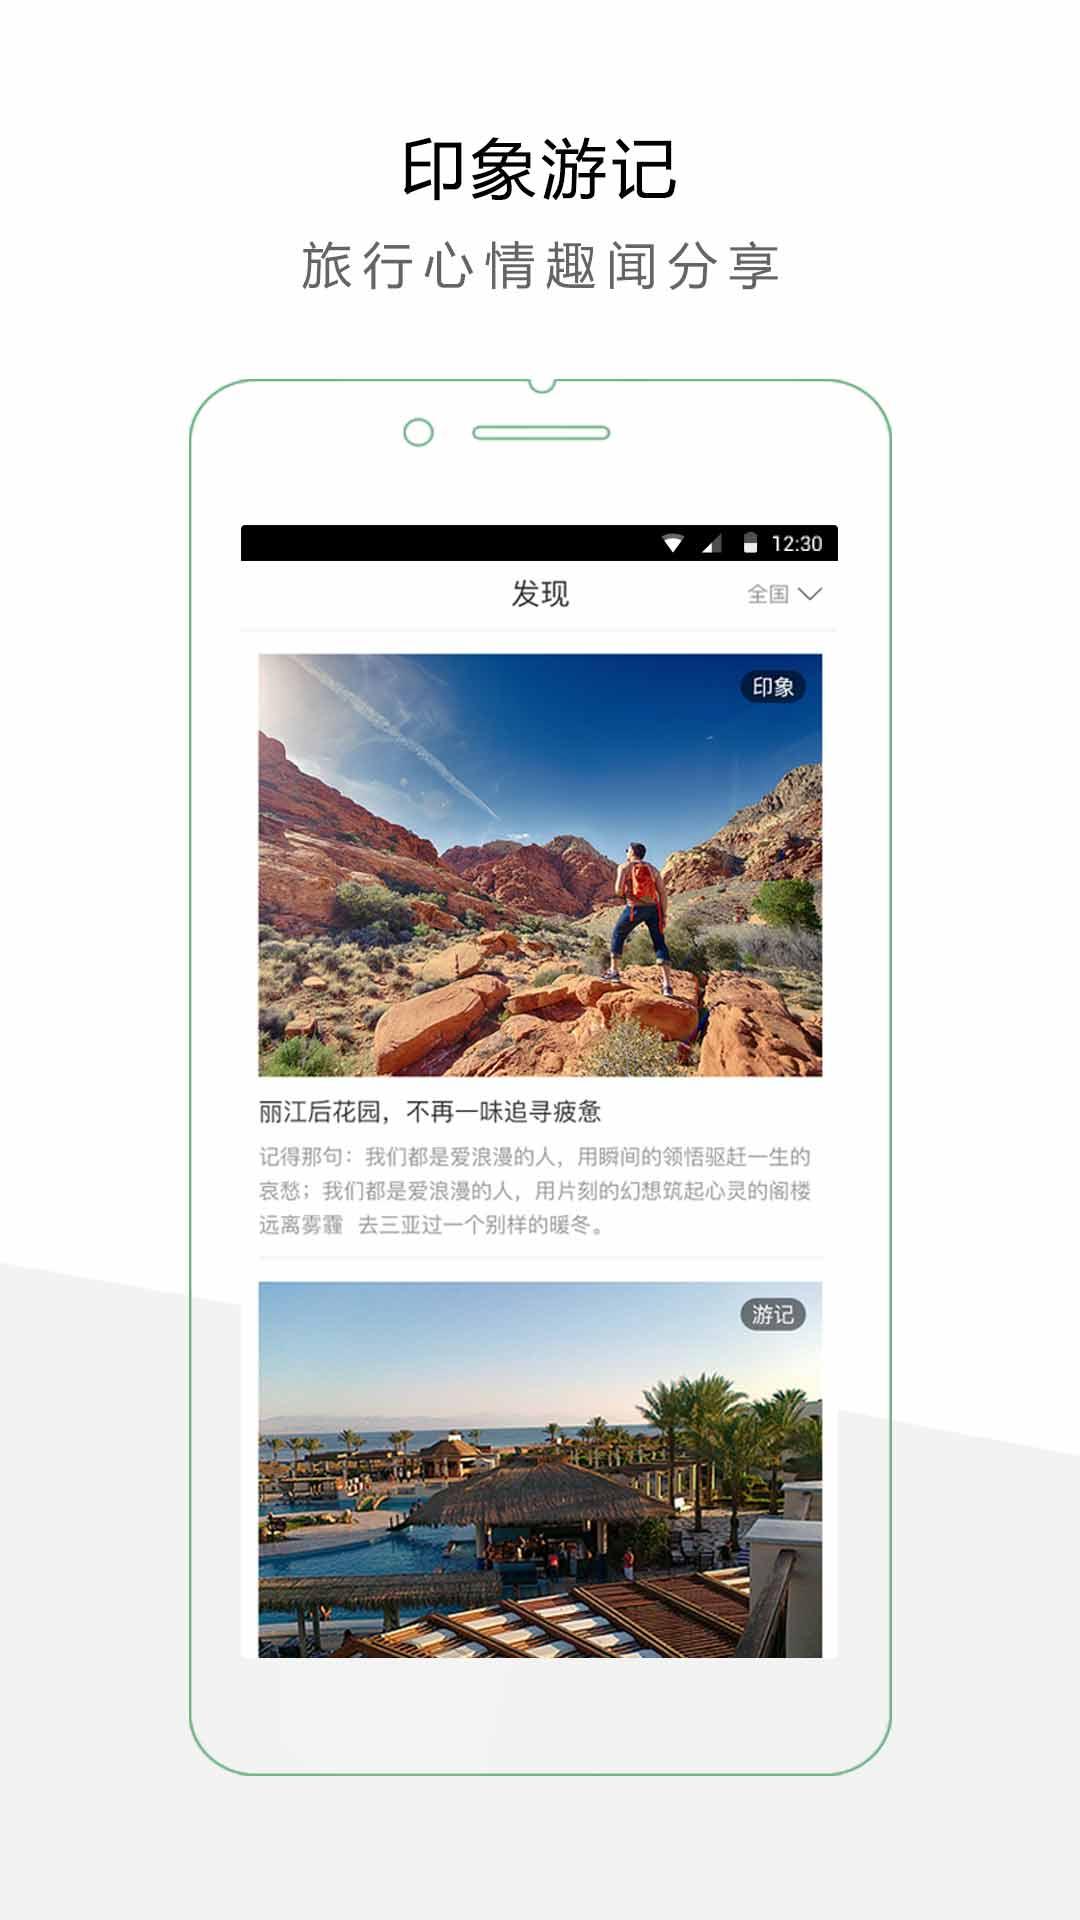 棠果旅居-旅行民宿-应用截图